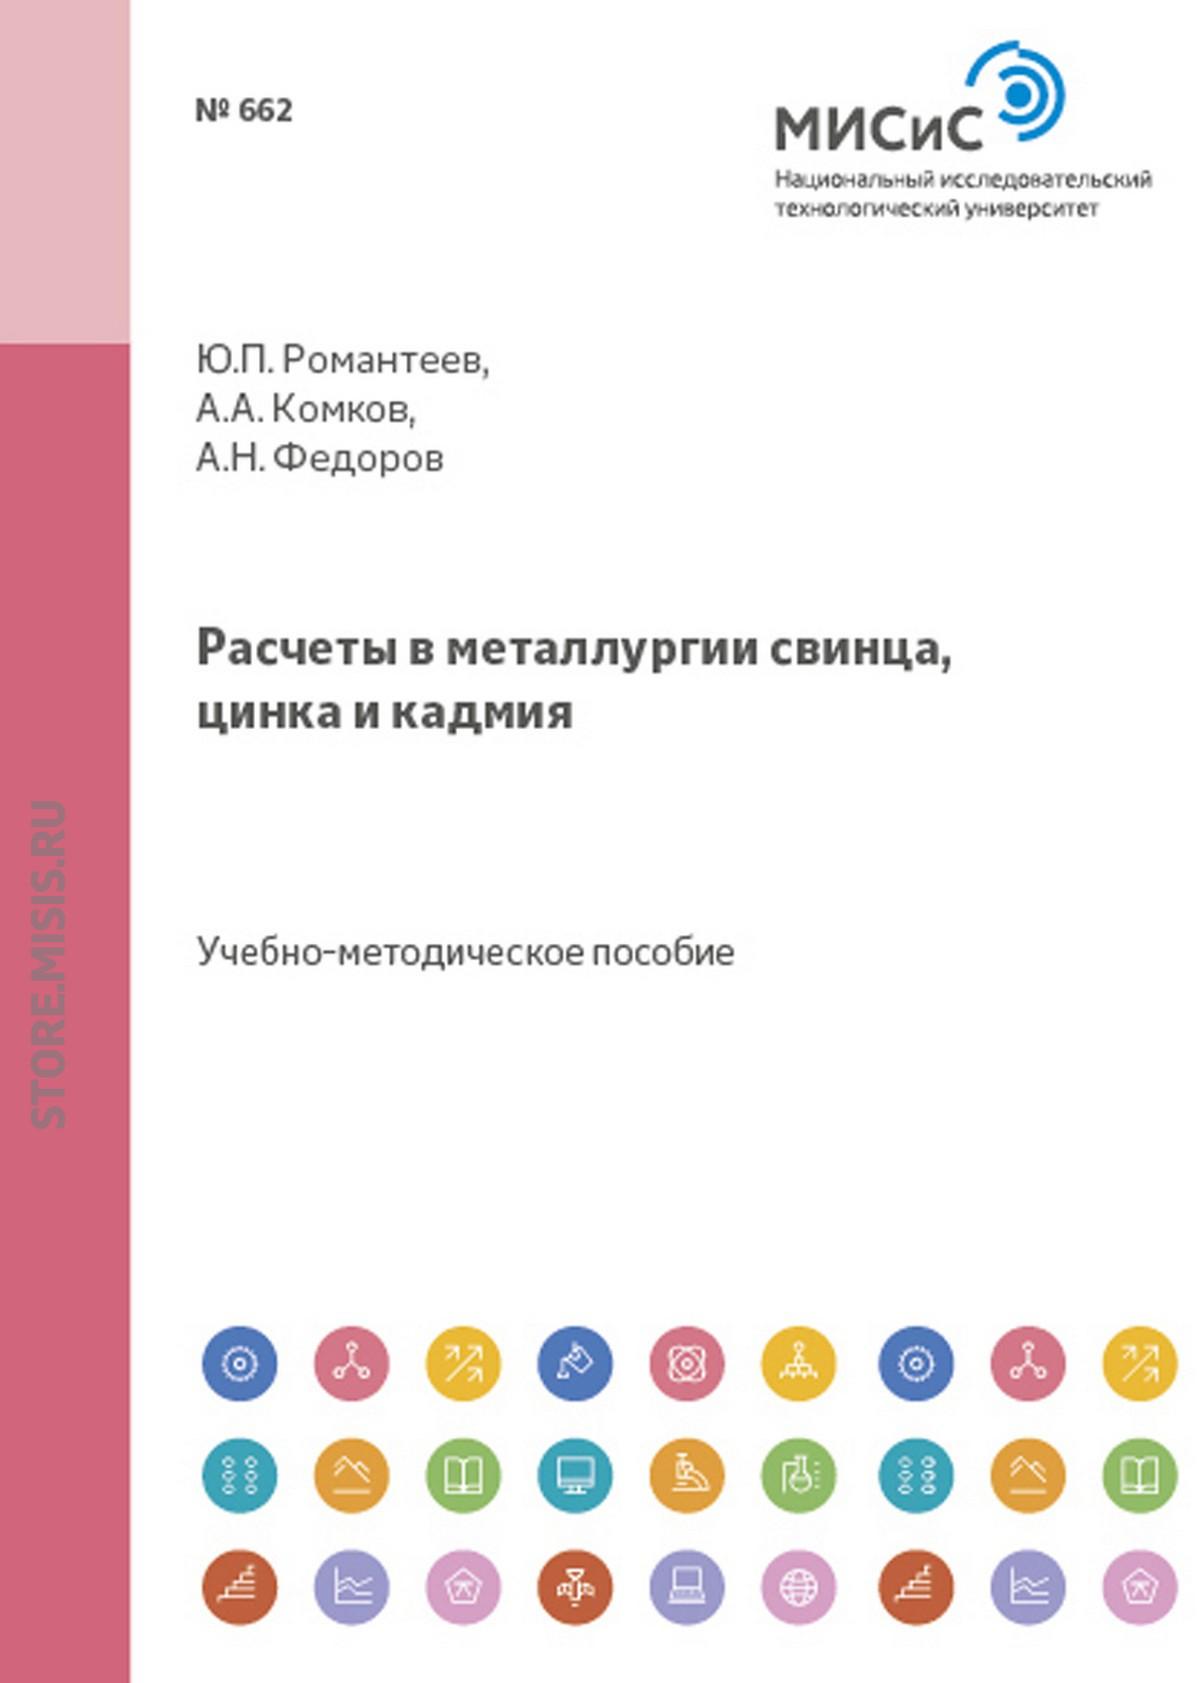 А. Н. Федоров Расчеты в металлургии свинца, цинка и кадмия владимир соколов инженерные расчеты в металлургии